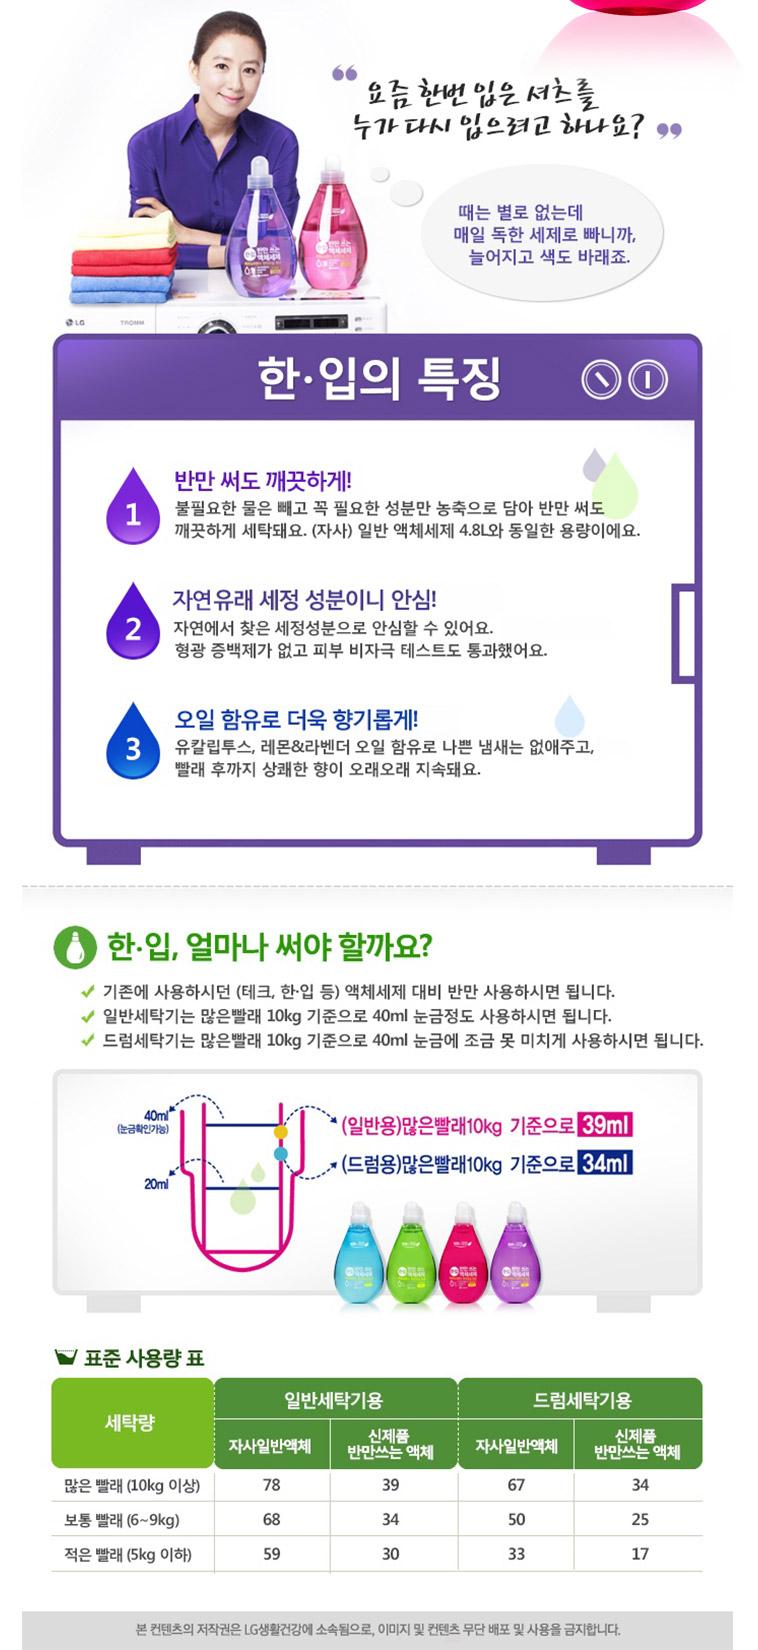 한입 액체 세탁세제 2.4Lx2 - 상세정보